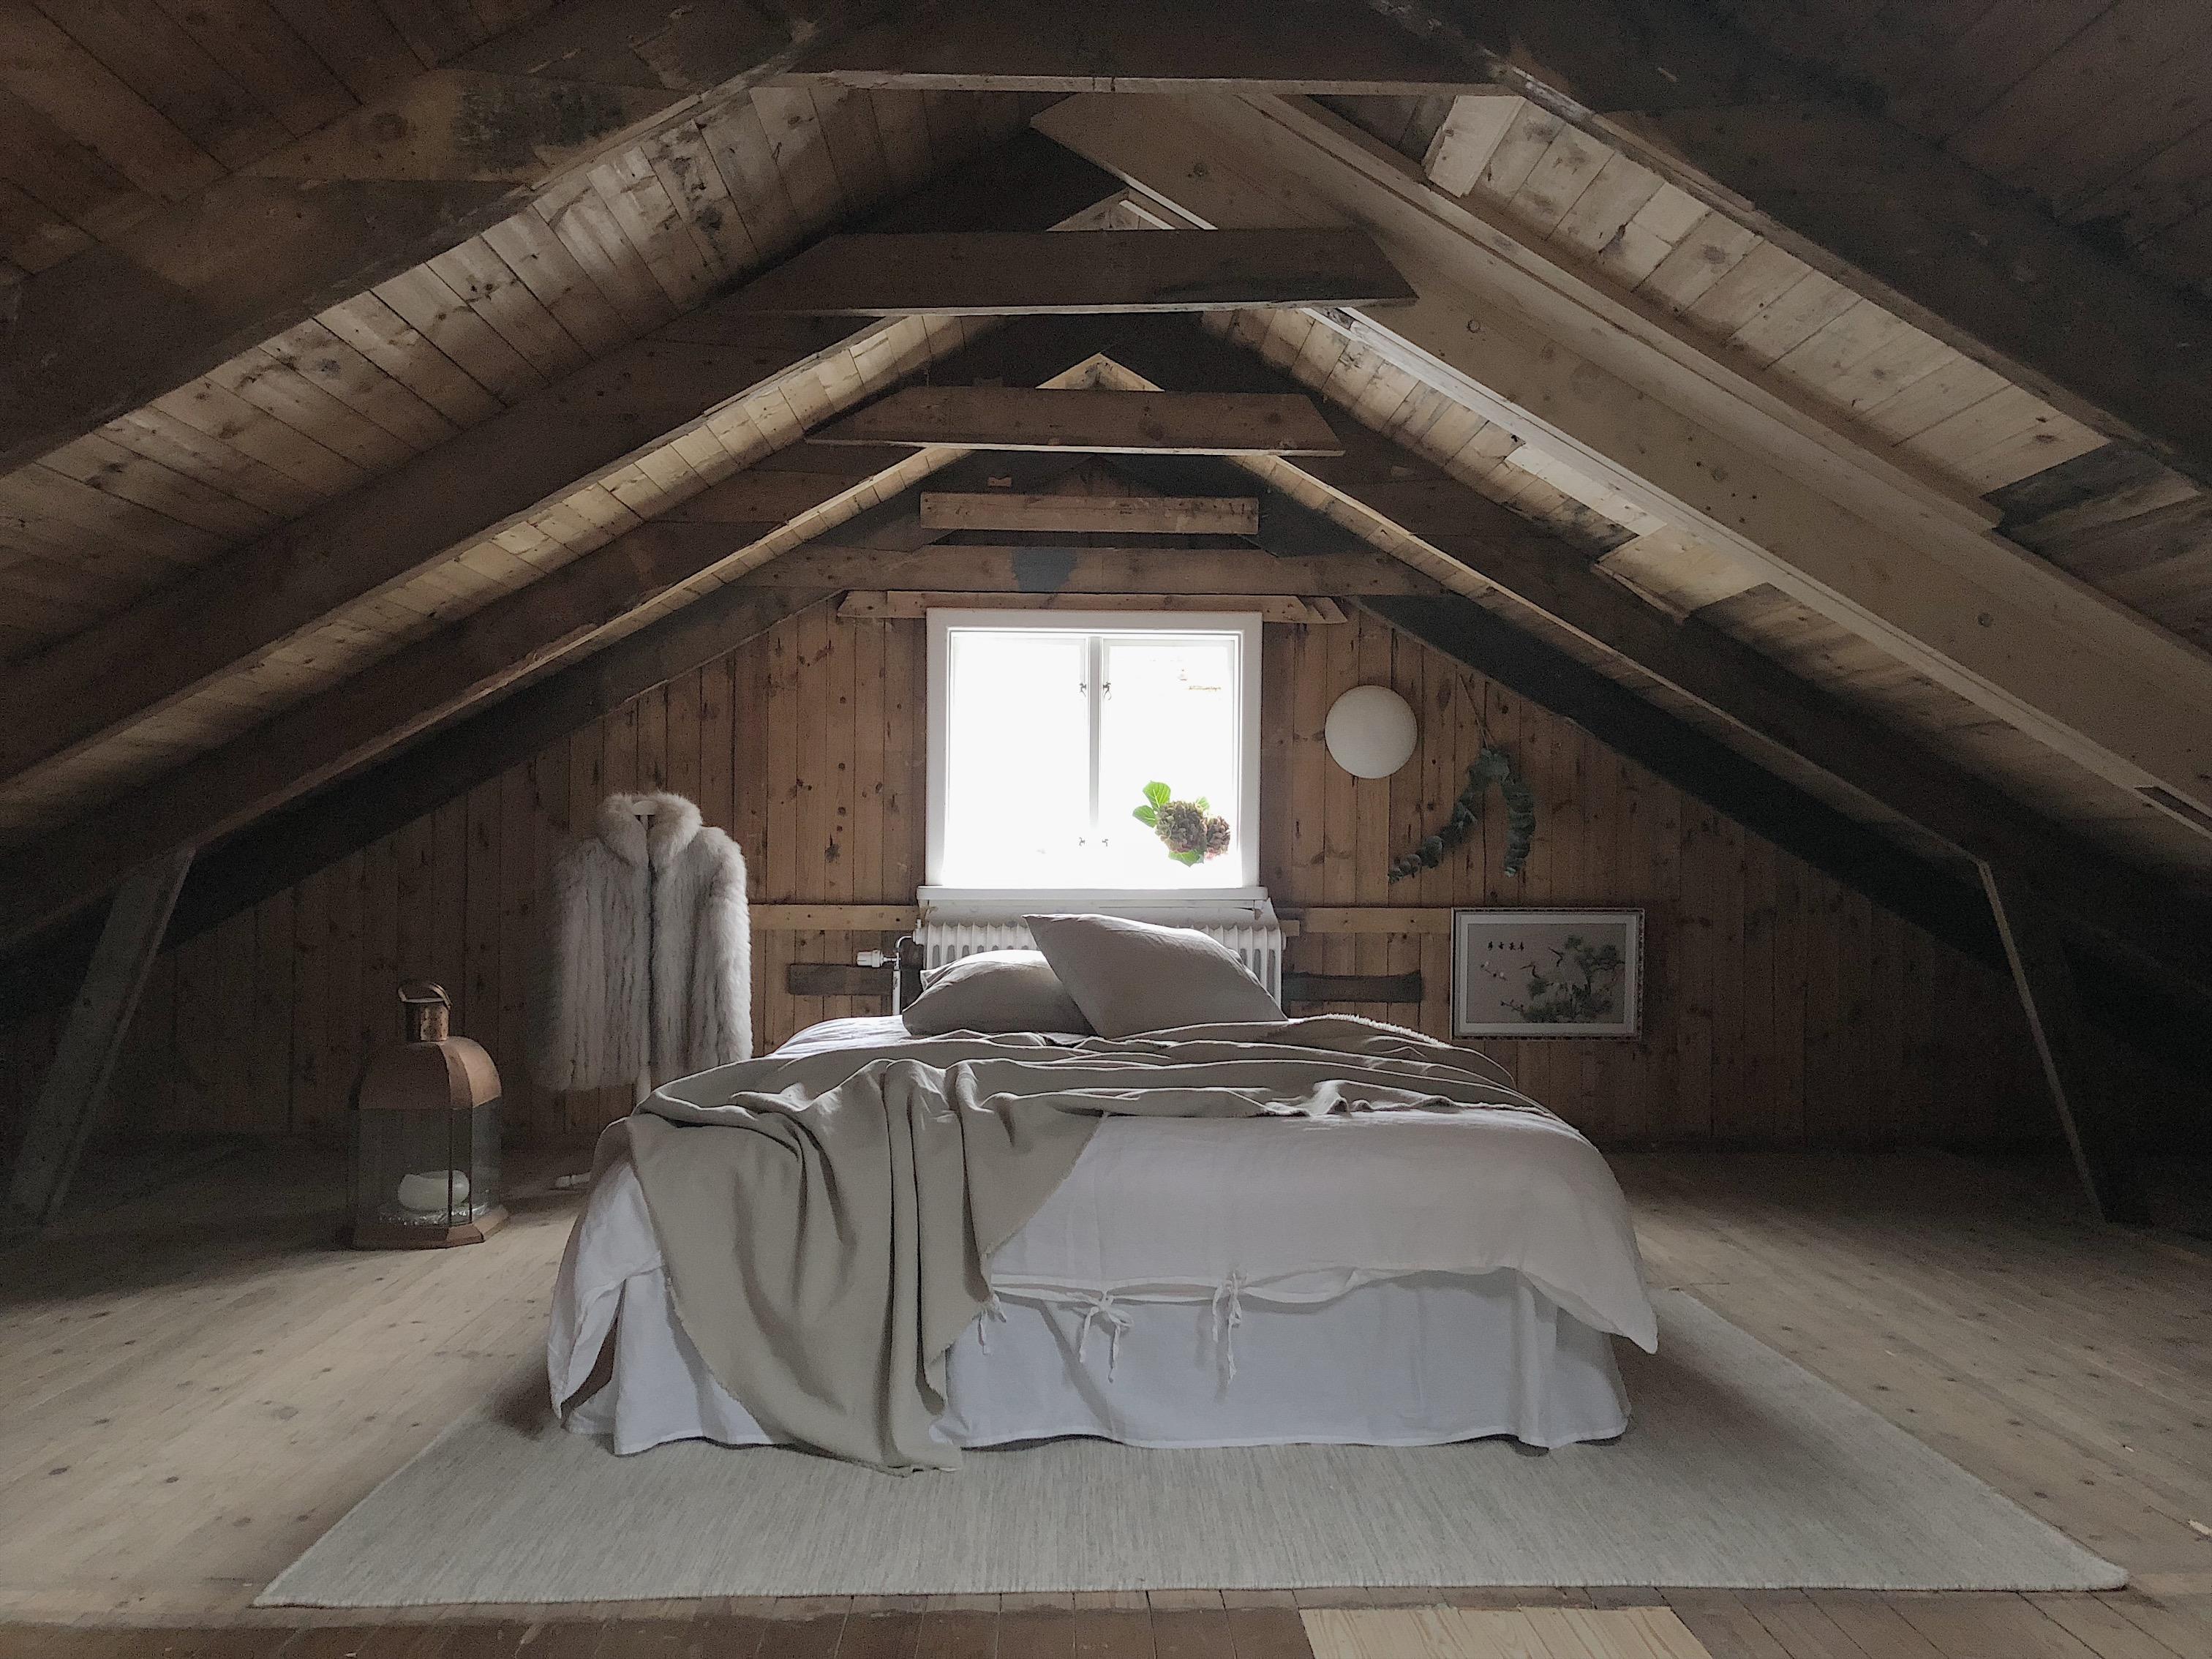 oinreddvind, sovrum , råvind, klintensväg 13